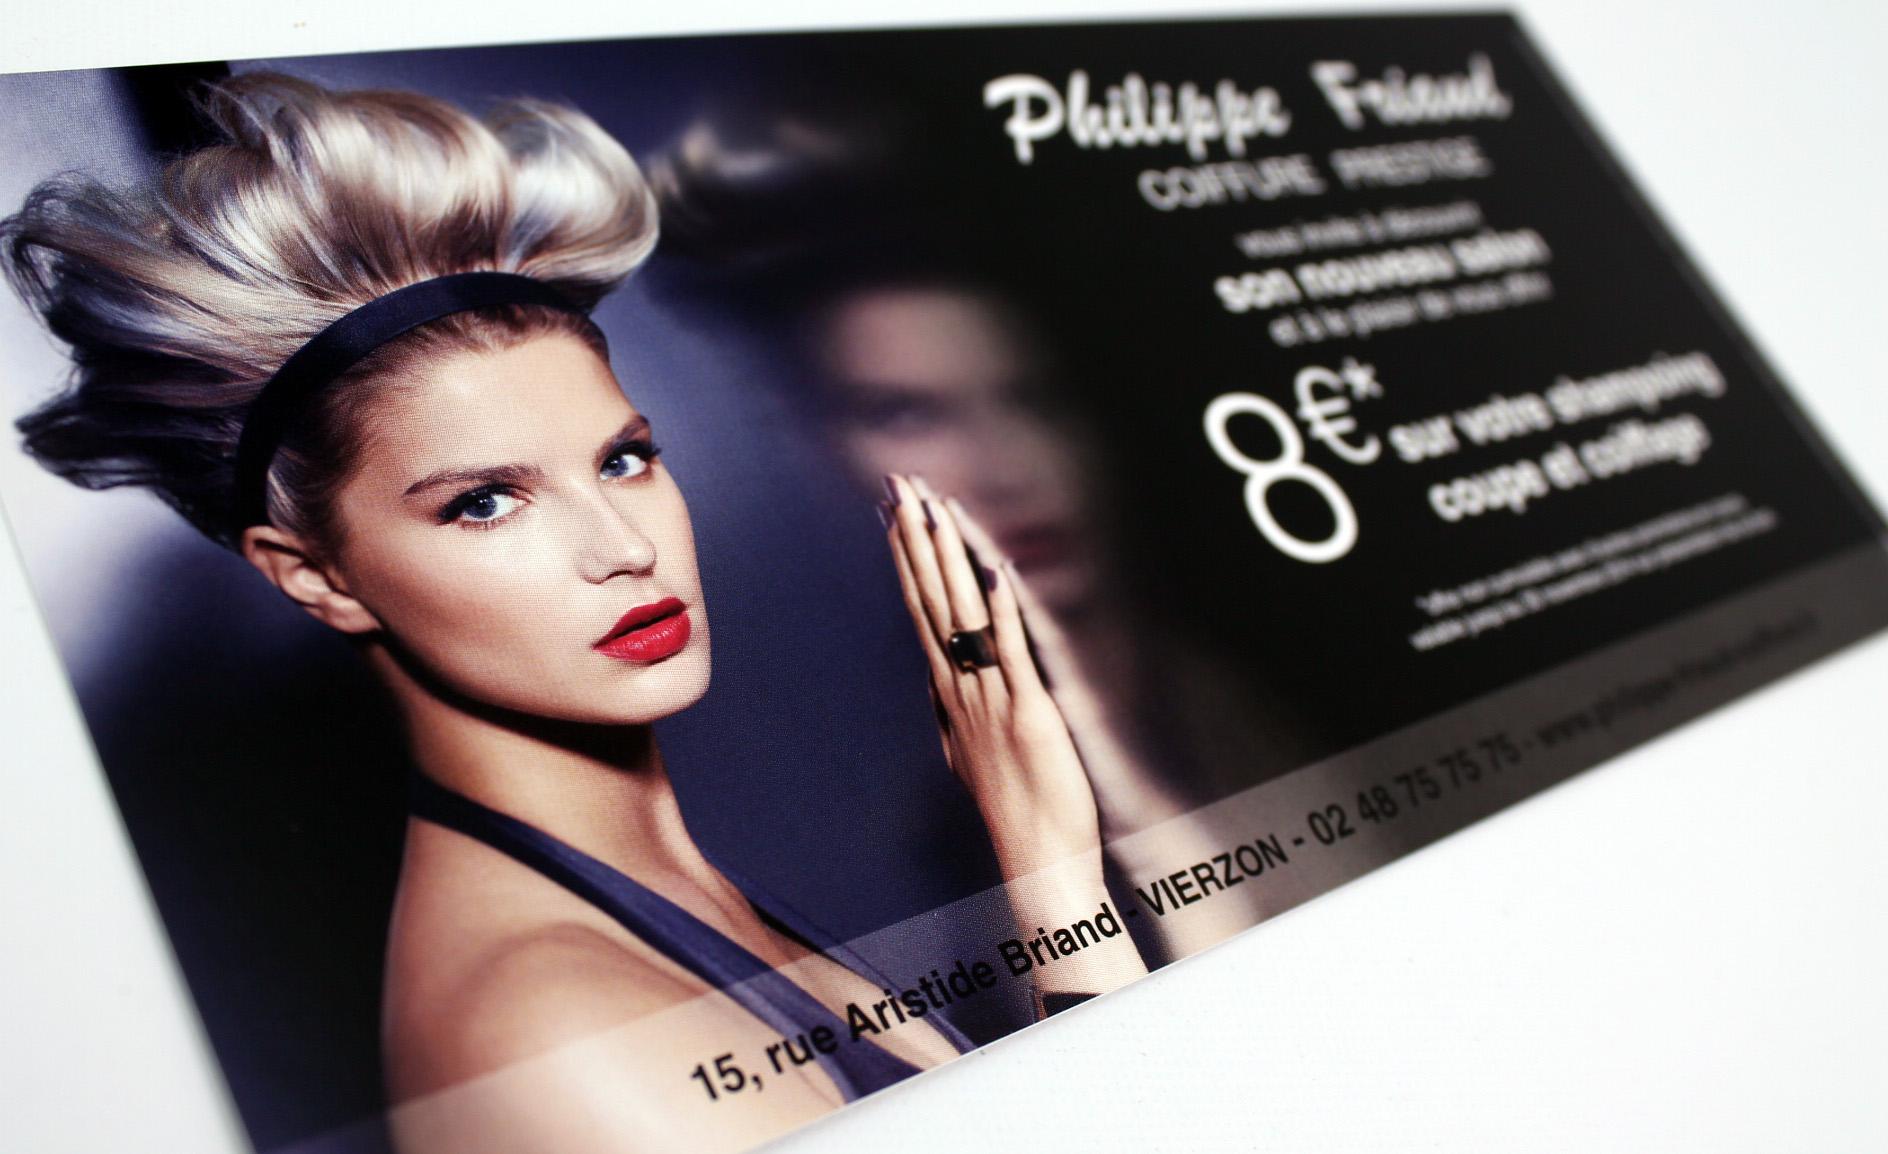 flyer ouverture nouveau salon 350gr/m² Philippe Friaud Coiffure Prestige